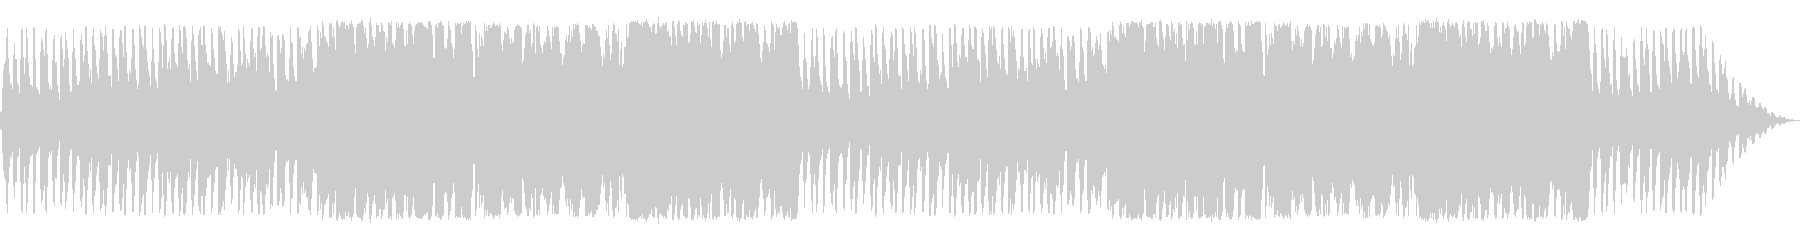 シミュレーションRPGのブリーフィング曲の未再生の波形